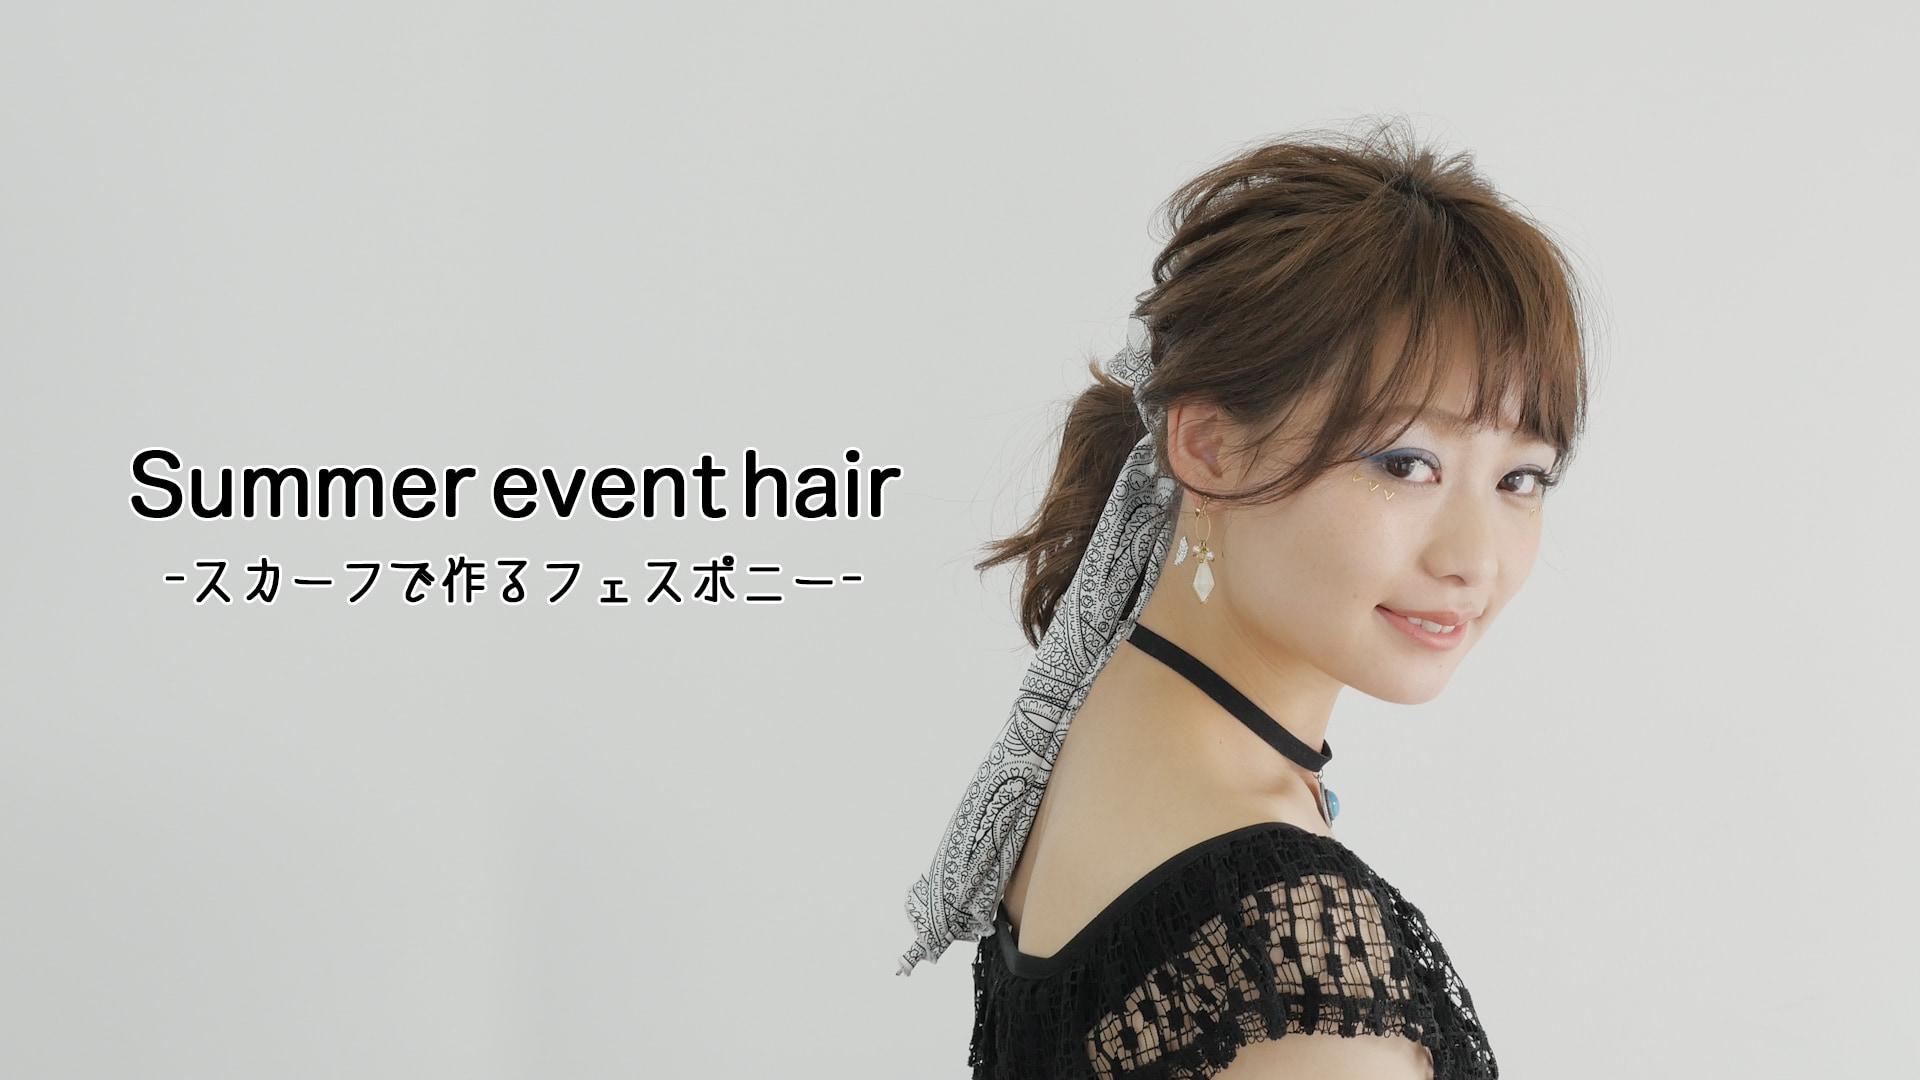 流行のスカーフを使ったフェスポニーテール【Summer event hair#1】